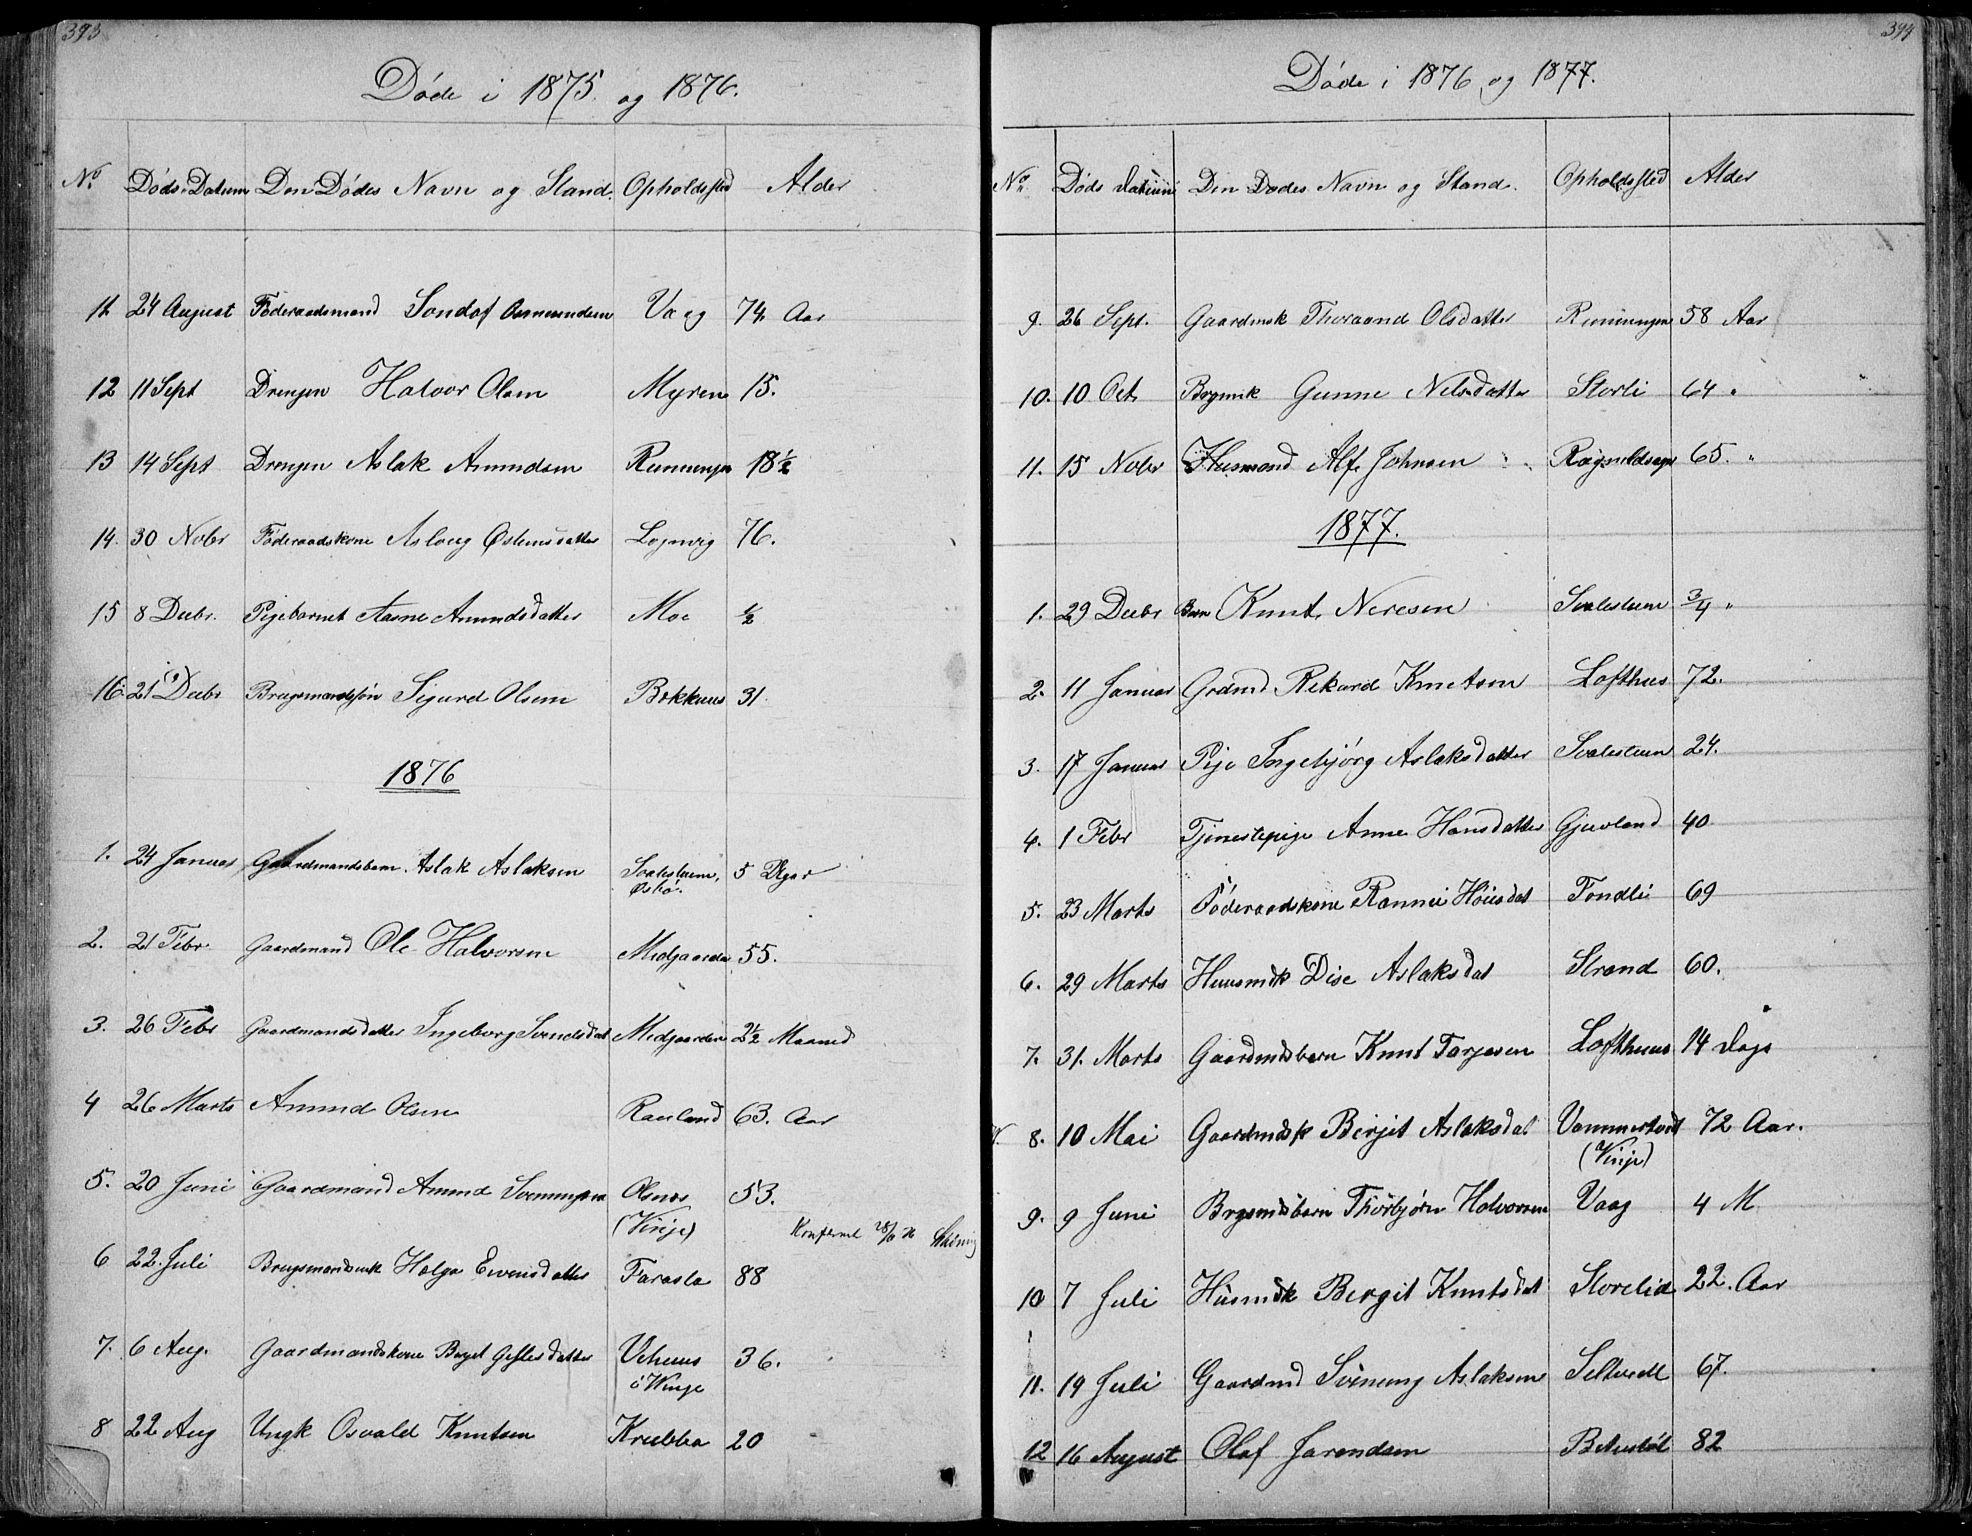 SAKO, Rauland kirkebøker, G/Ga/L0002: Klokkerbok nr. I 2, 1849-1935, s. 393-394